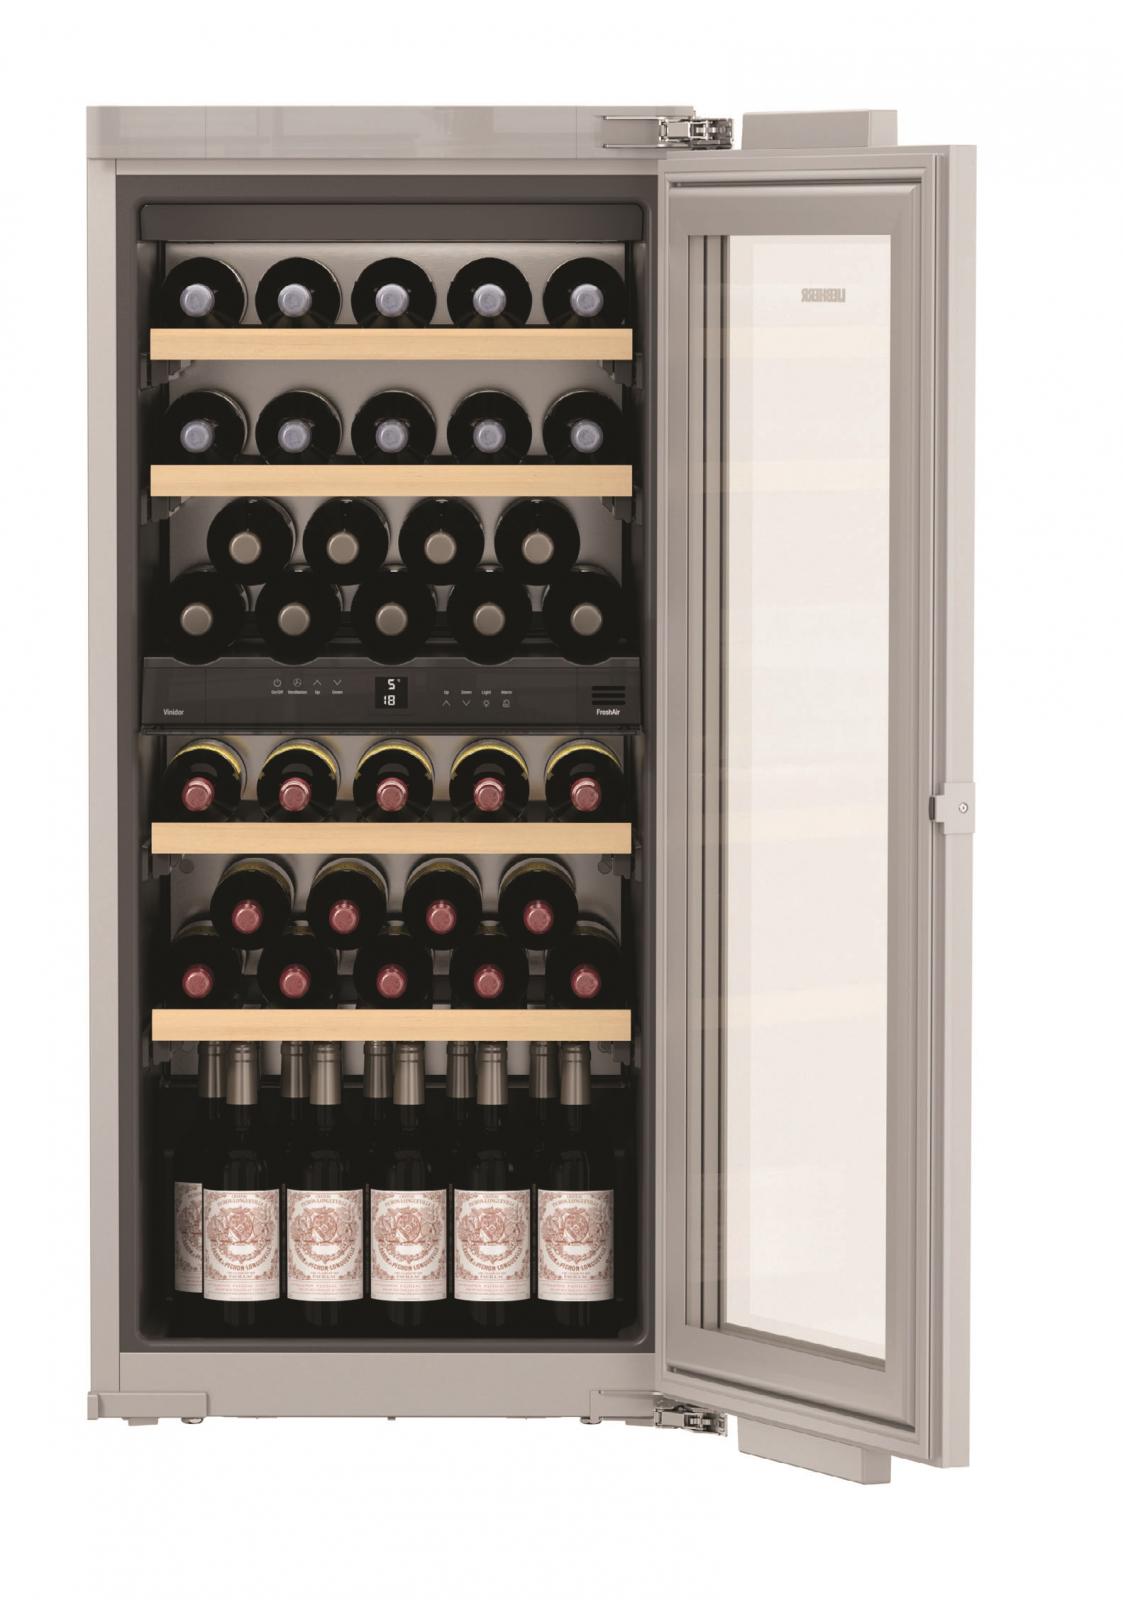 Встраиваемый винный шкаф Liebherr EWTdf 2353 купить украина